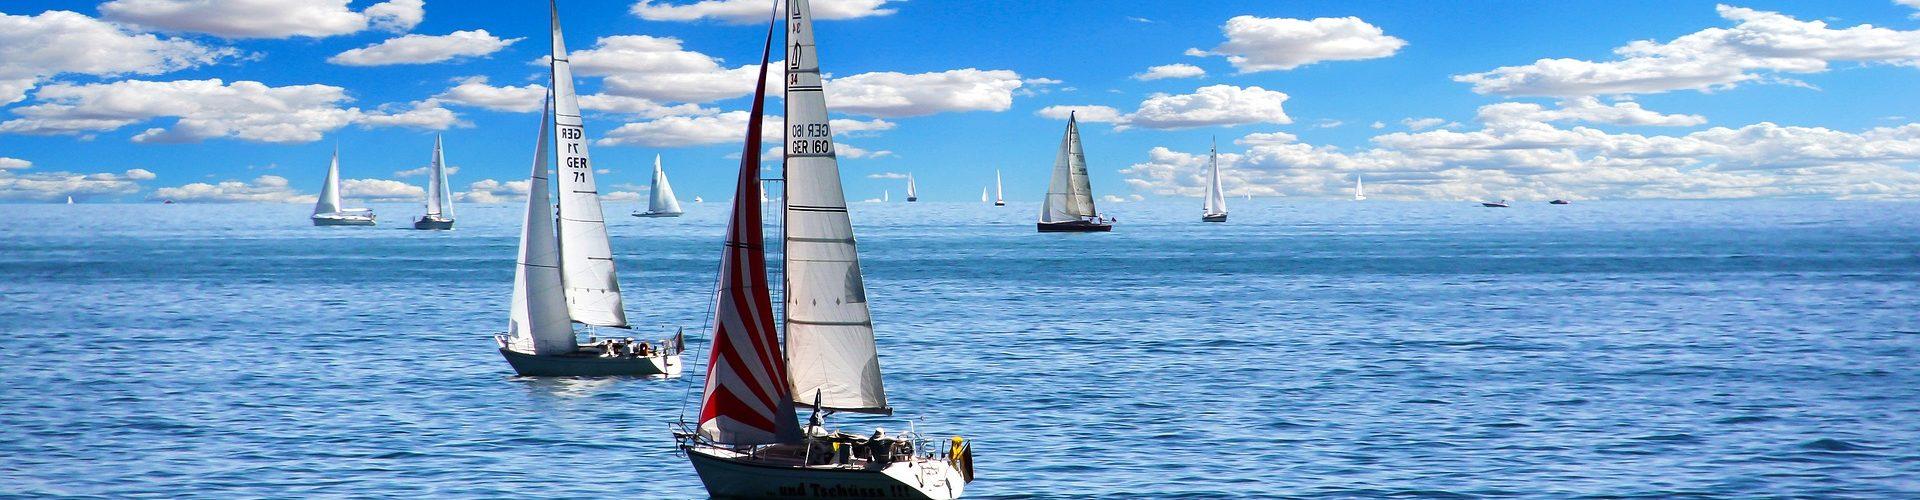 segeln lernen in Ritterhude segelschein machen in Ritterhude 1920x500 - Segeln lernen in Ritterhude